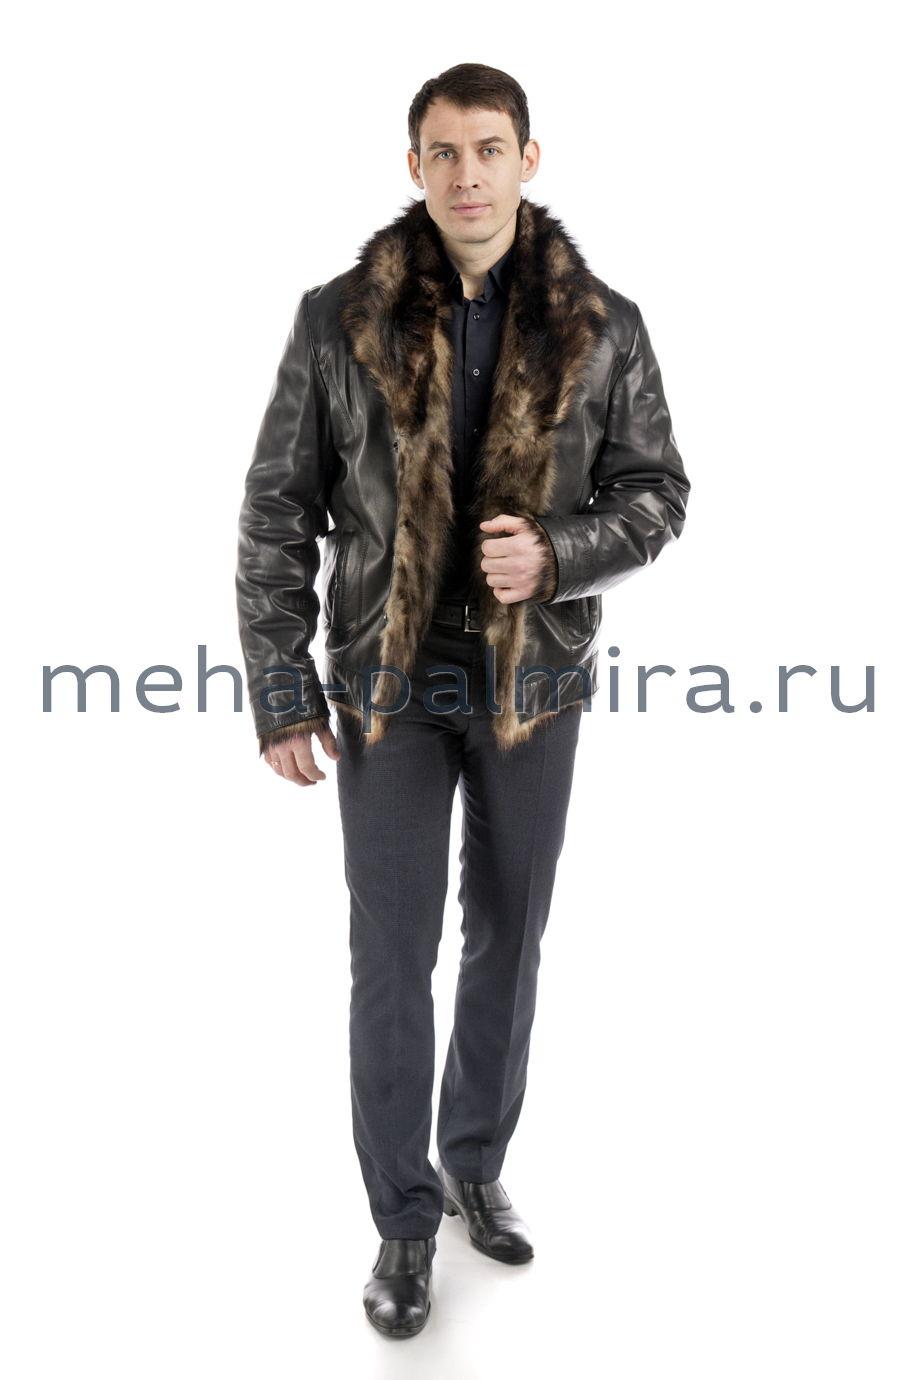 Мужская дубленка из натуральной кожи и меха тосканы